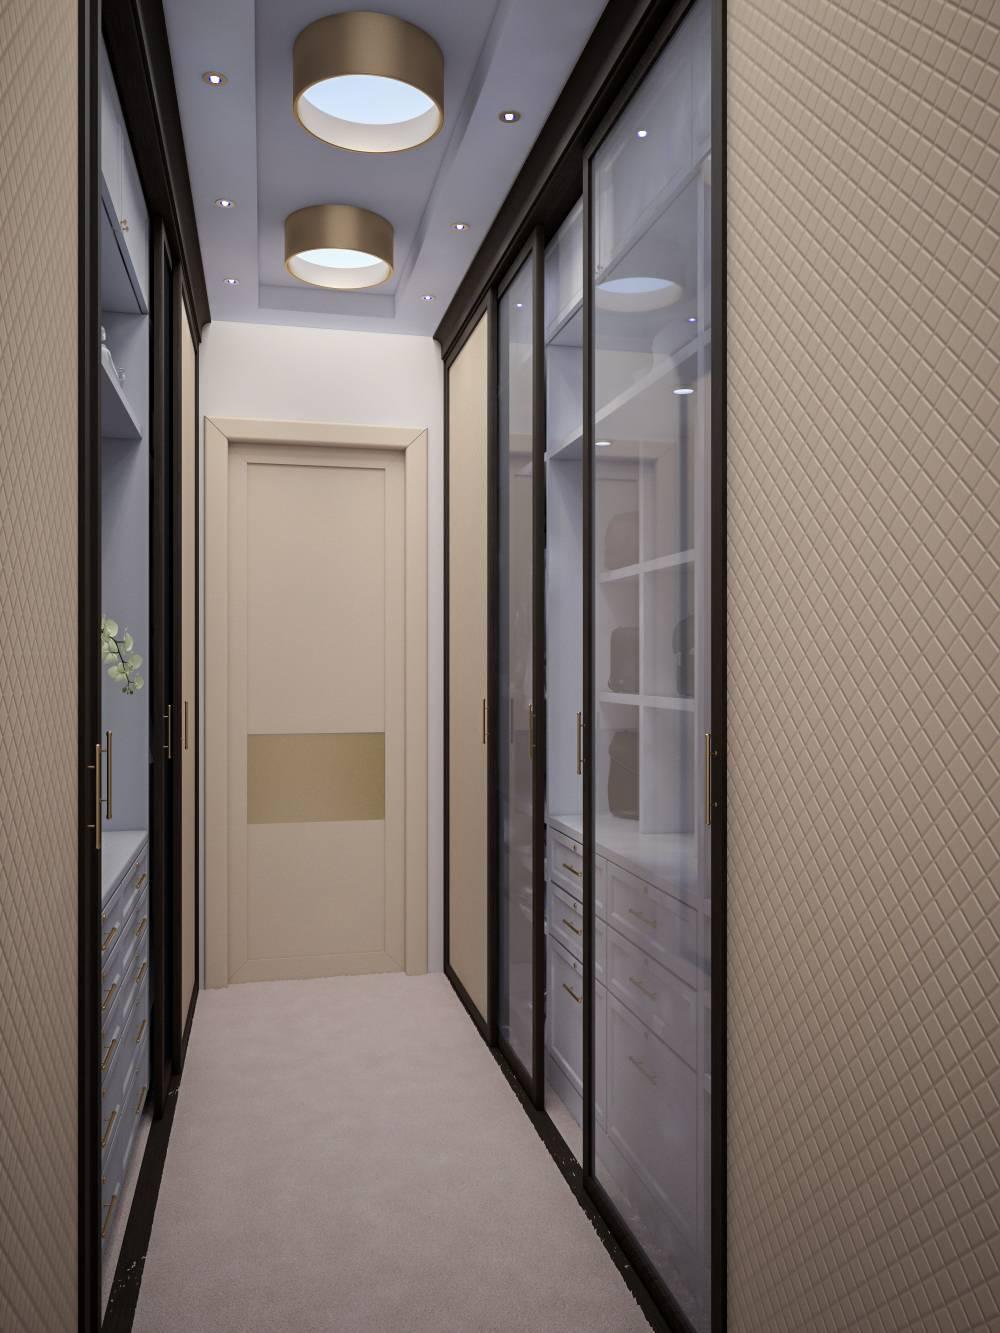 Стеновые панели для коридора из мдф: какие бывают, когда их можно применять, а когда не стоит, можно ли отделать стены своими руками?